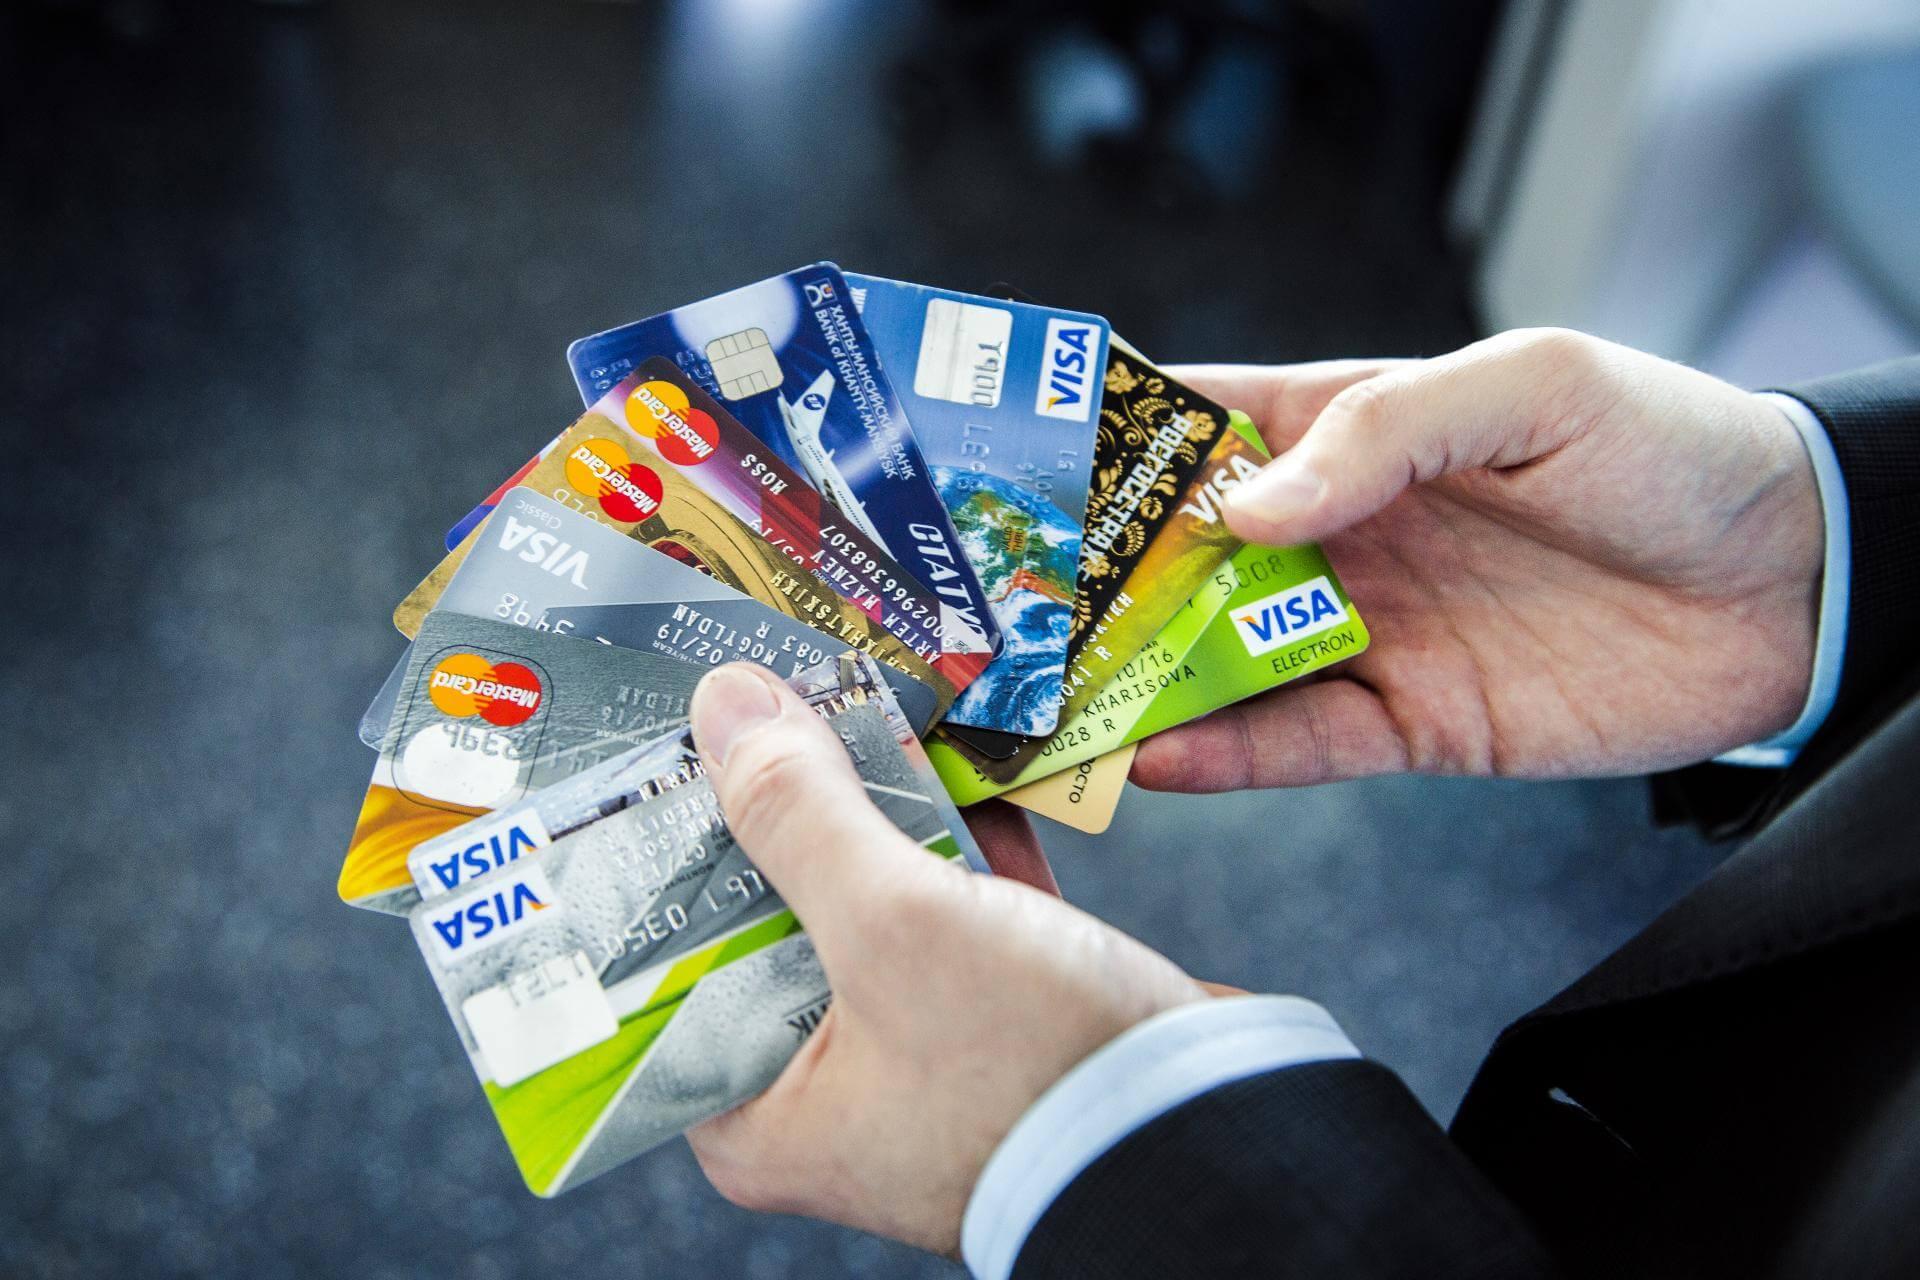 chto-takoe-kreditnaya-karta_22